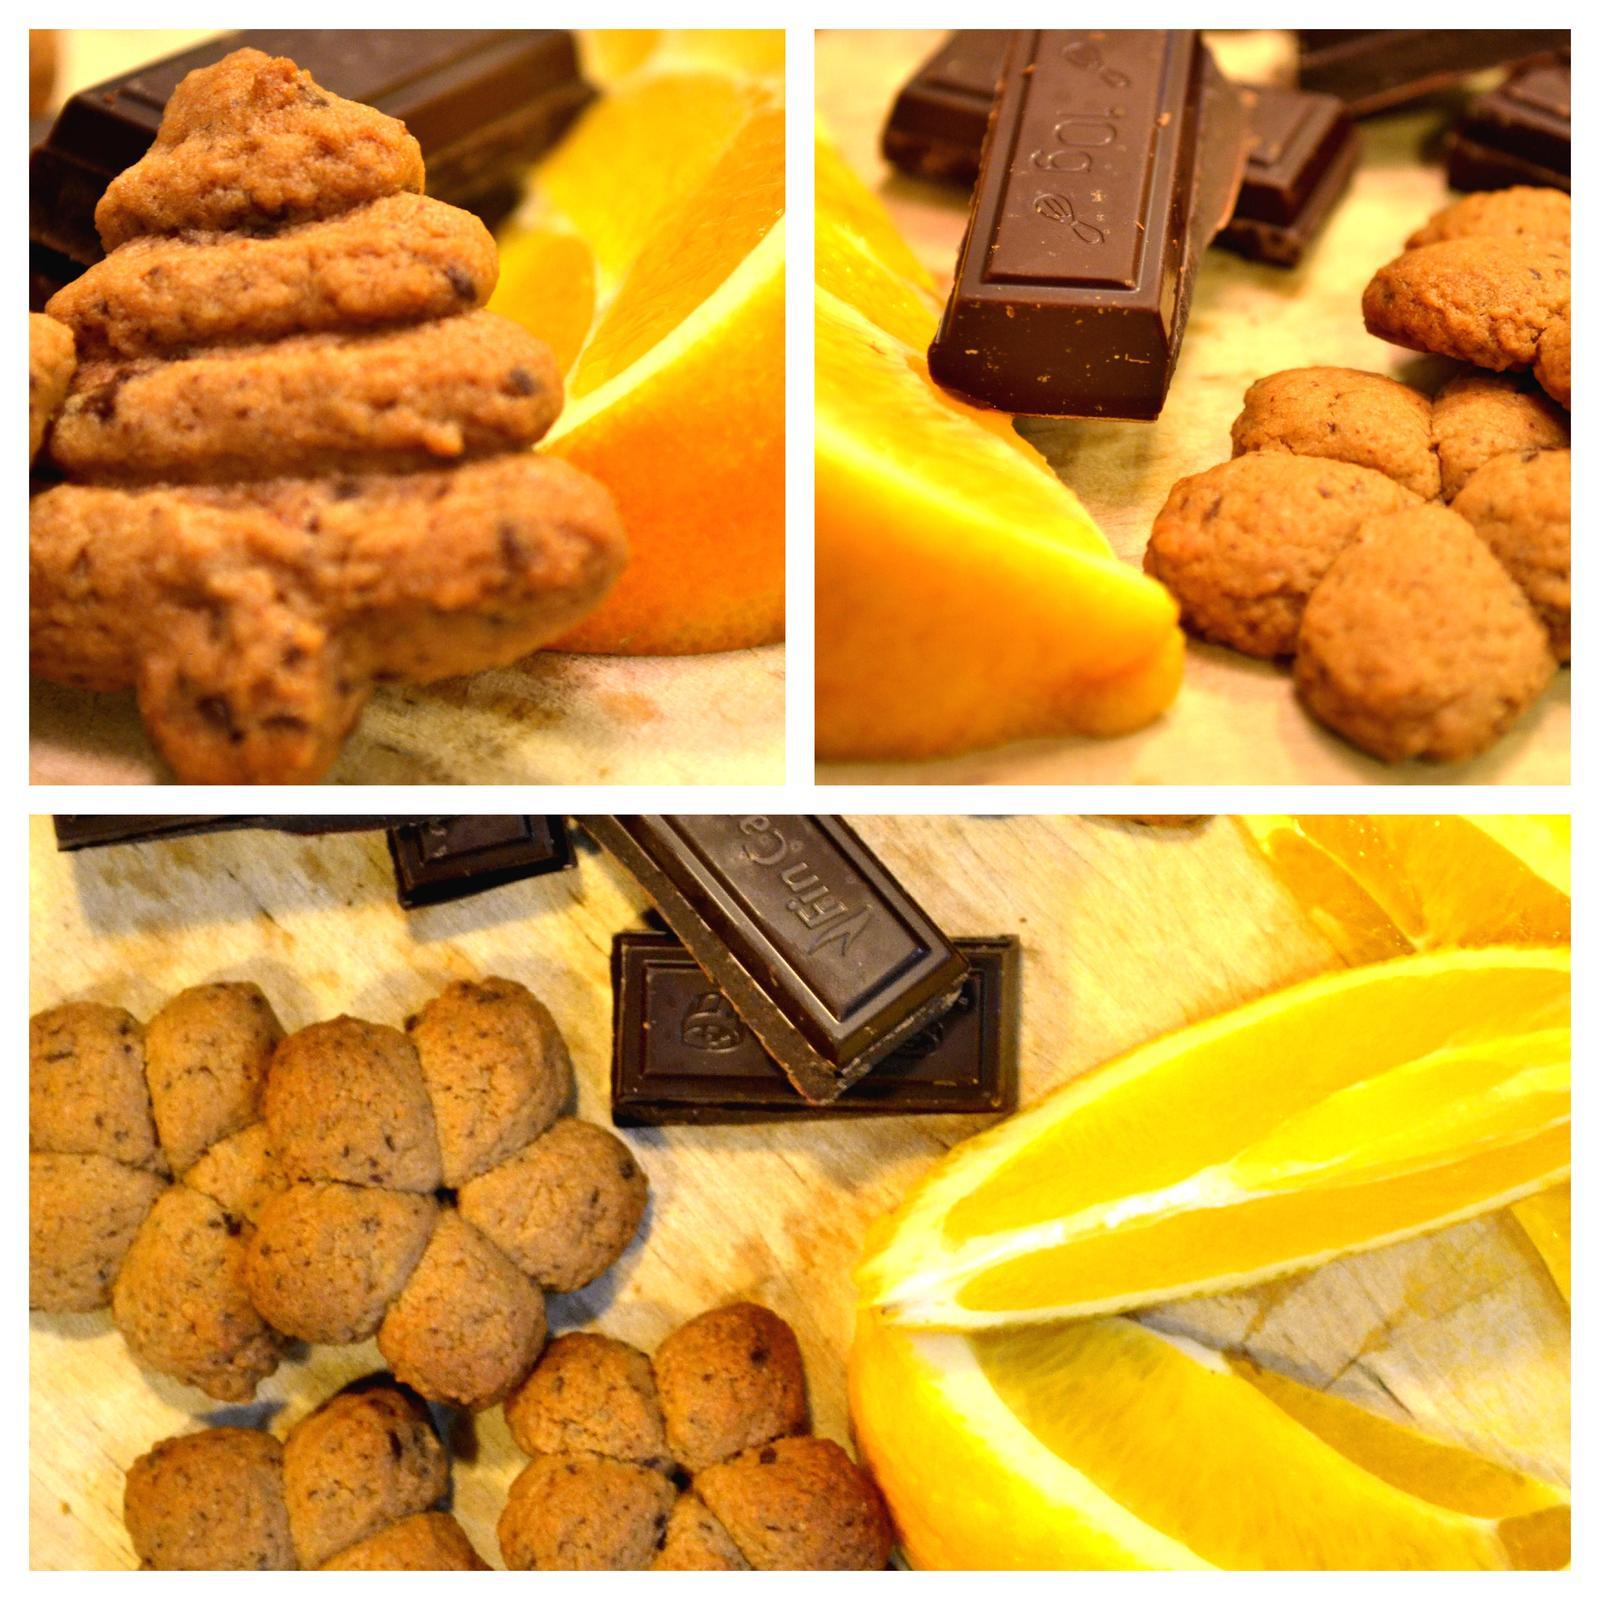 Upečeno a uvařeno u nás doma - Máslové sušenky s čokoládou a pomerančovou kůrou - krásně nám to teď v kuchyni voní